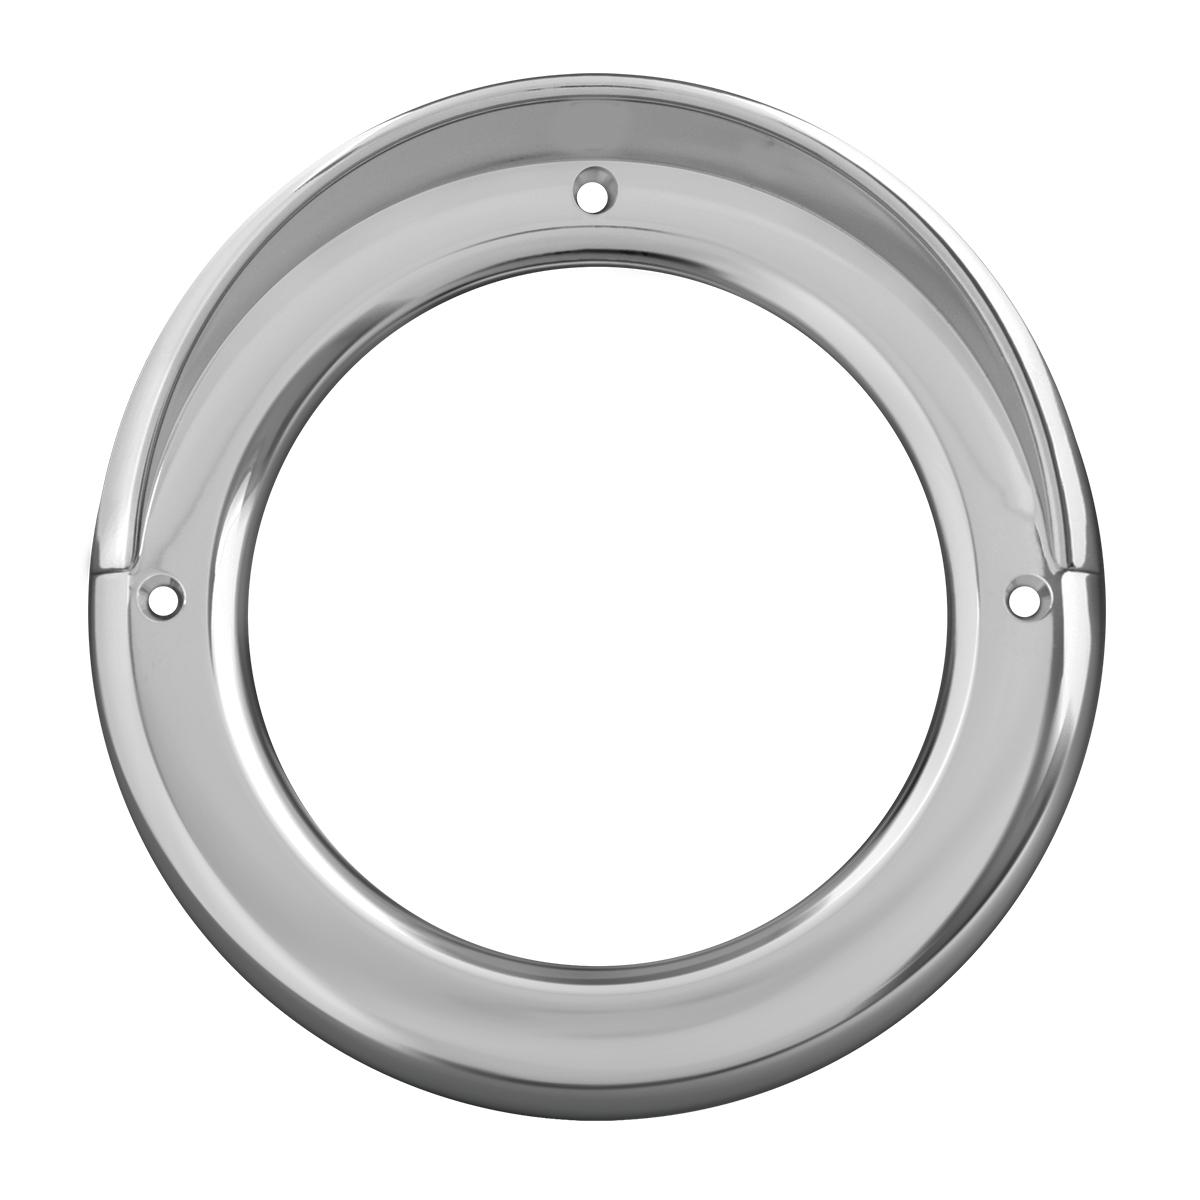 """80477 Chrome Plastic Grommet Cover w/ Visor for 4"""" Round Light"""